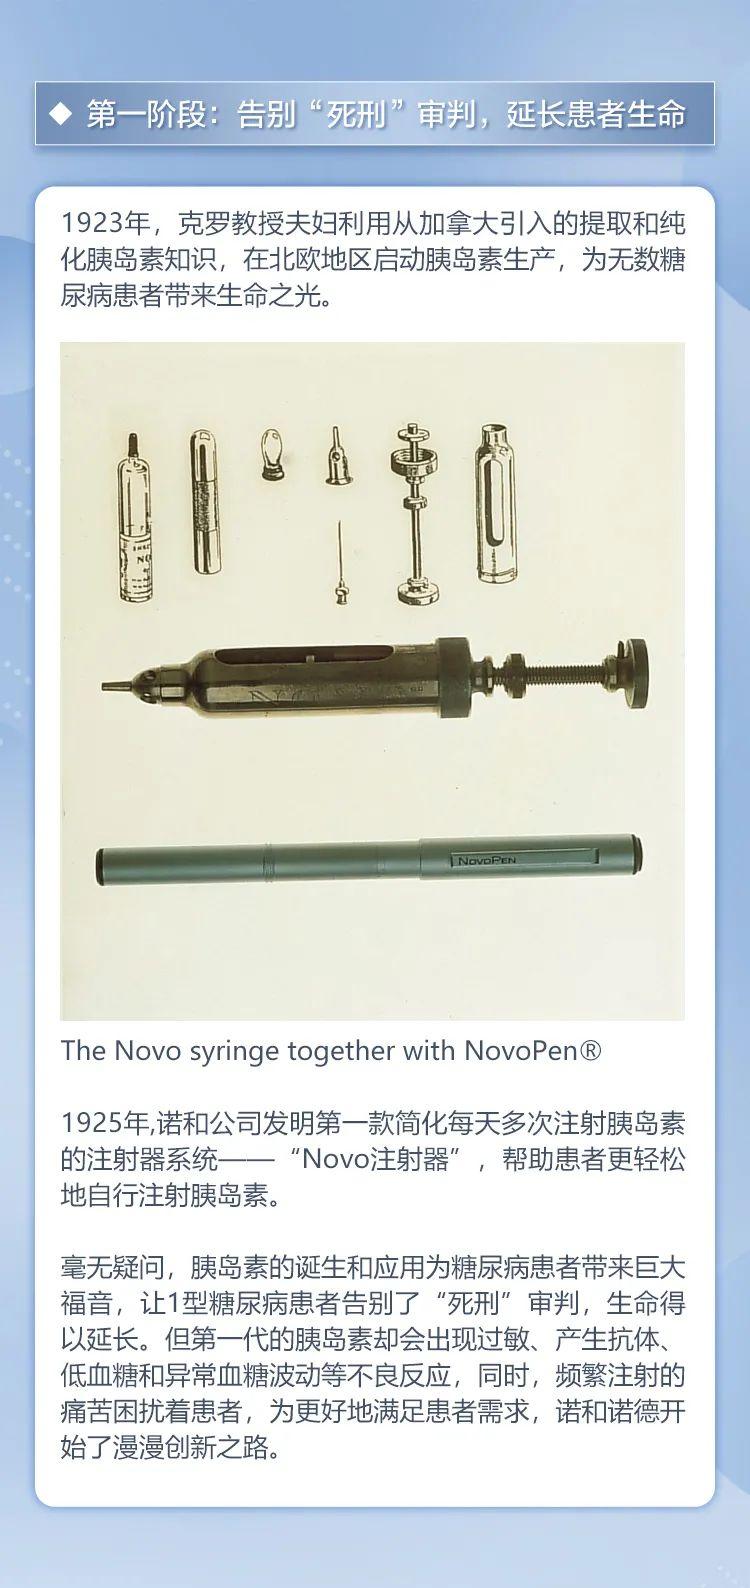 諾和諾德與胰島素的百年故事:漫談糖尿病治療之路